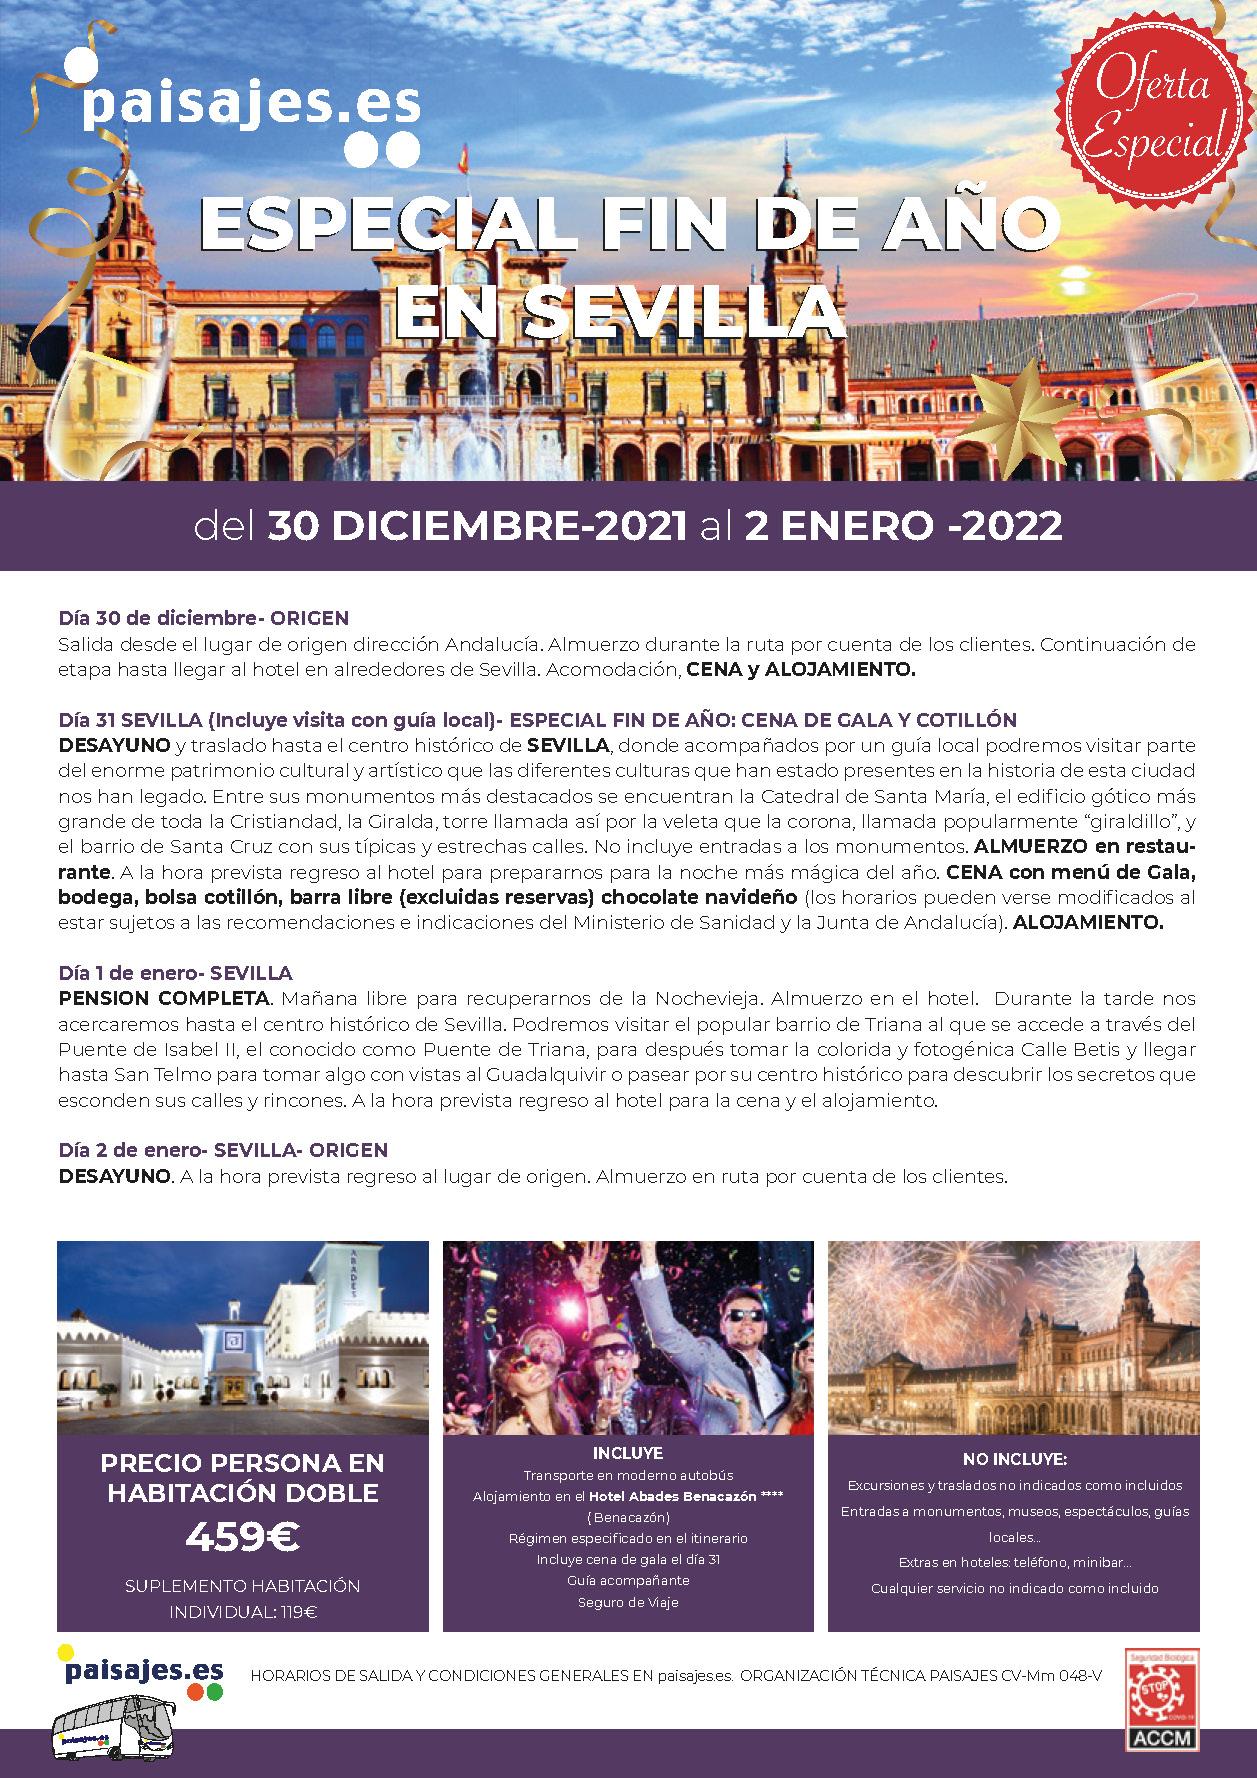 P Oferta Especial Paisajes Fin de Anio 2021-2022 en Sevilla salidas desde la Comunidad Valenciana